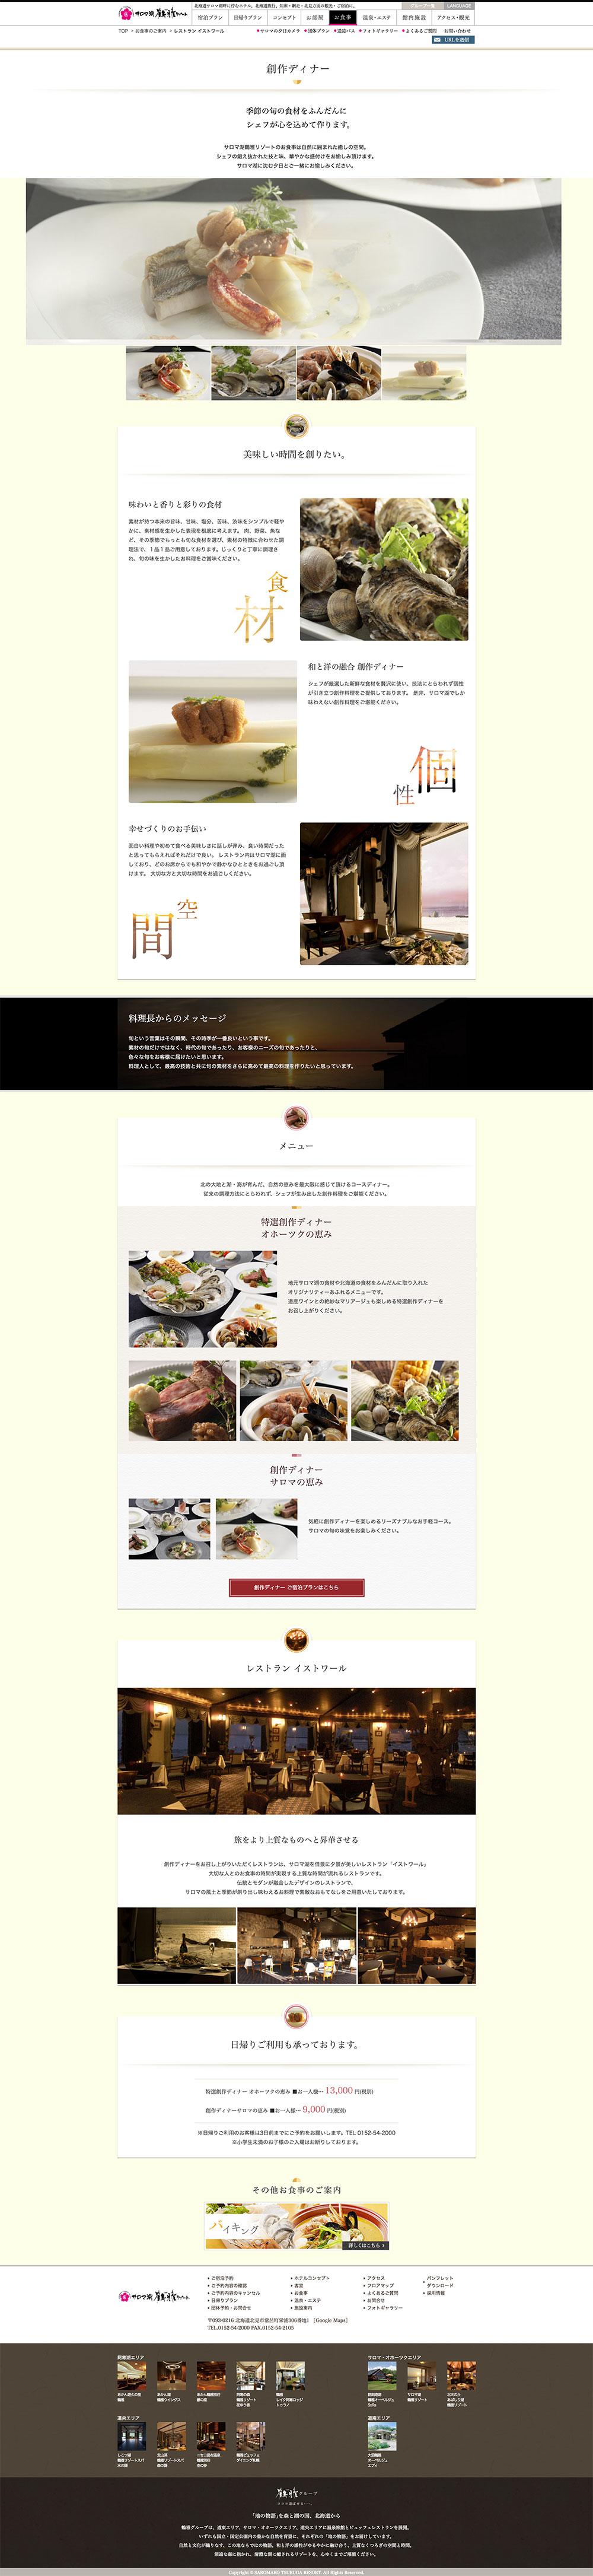 温泉旅館料理ページ制作事例2